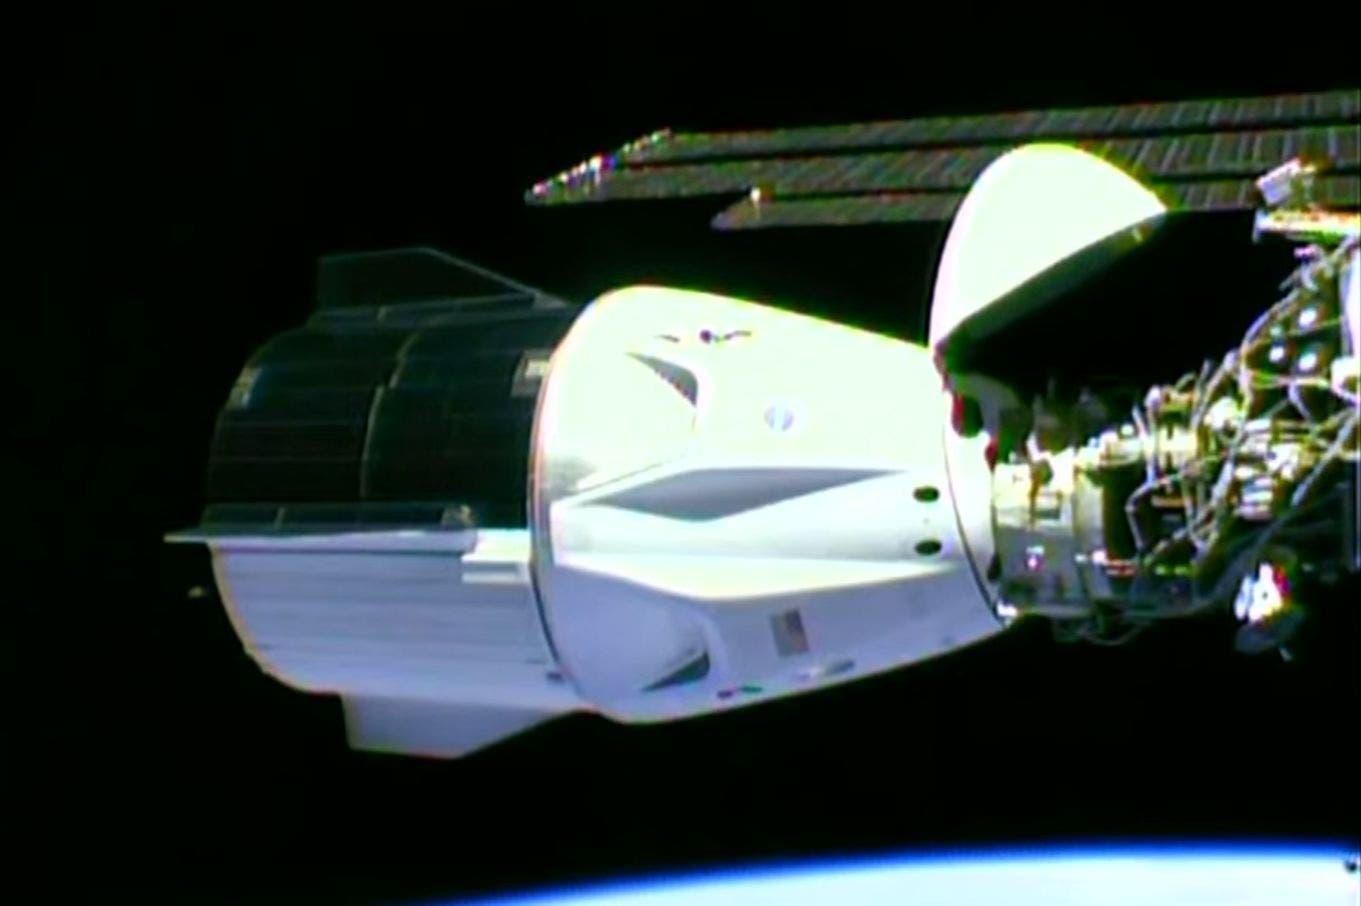 NASA y SpaceX: la nave Crew Dragon se acopló con éxito a la Estación Espacial Internacional